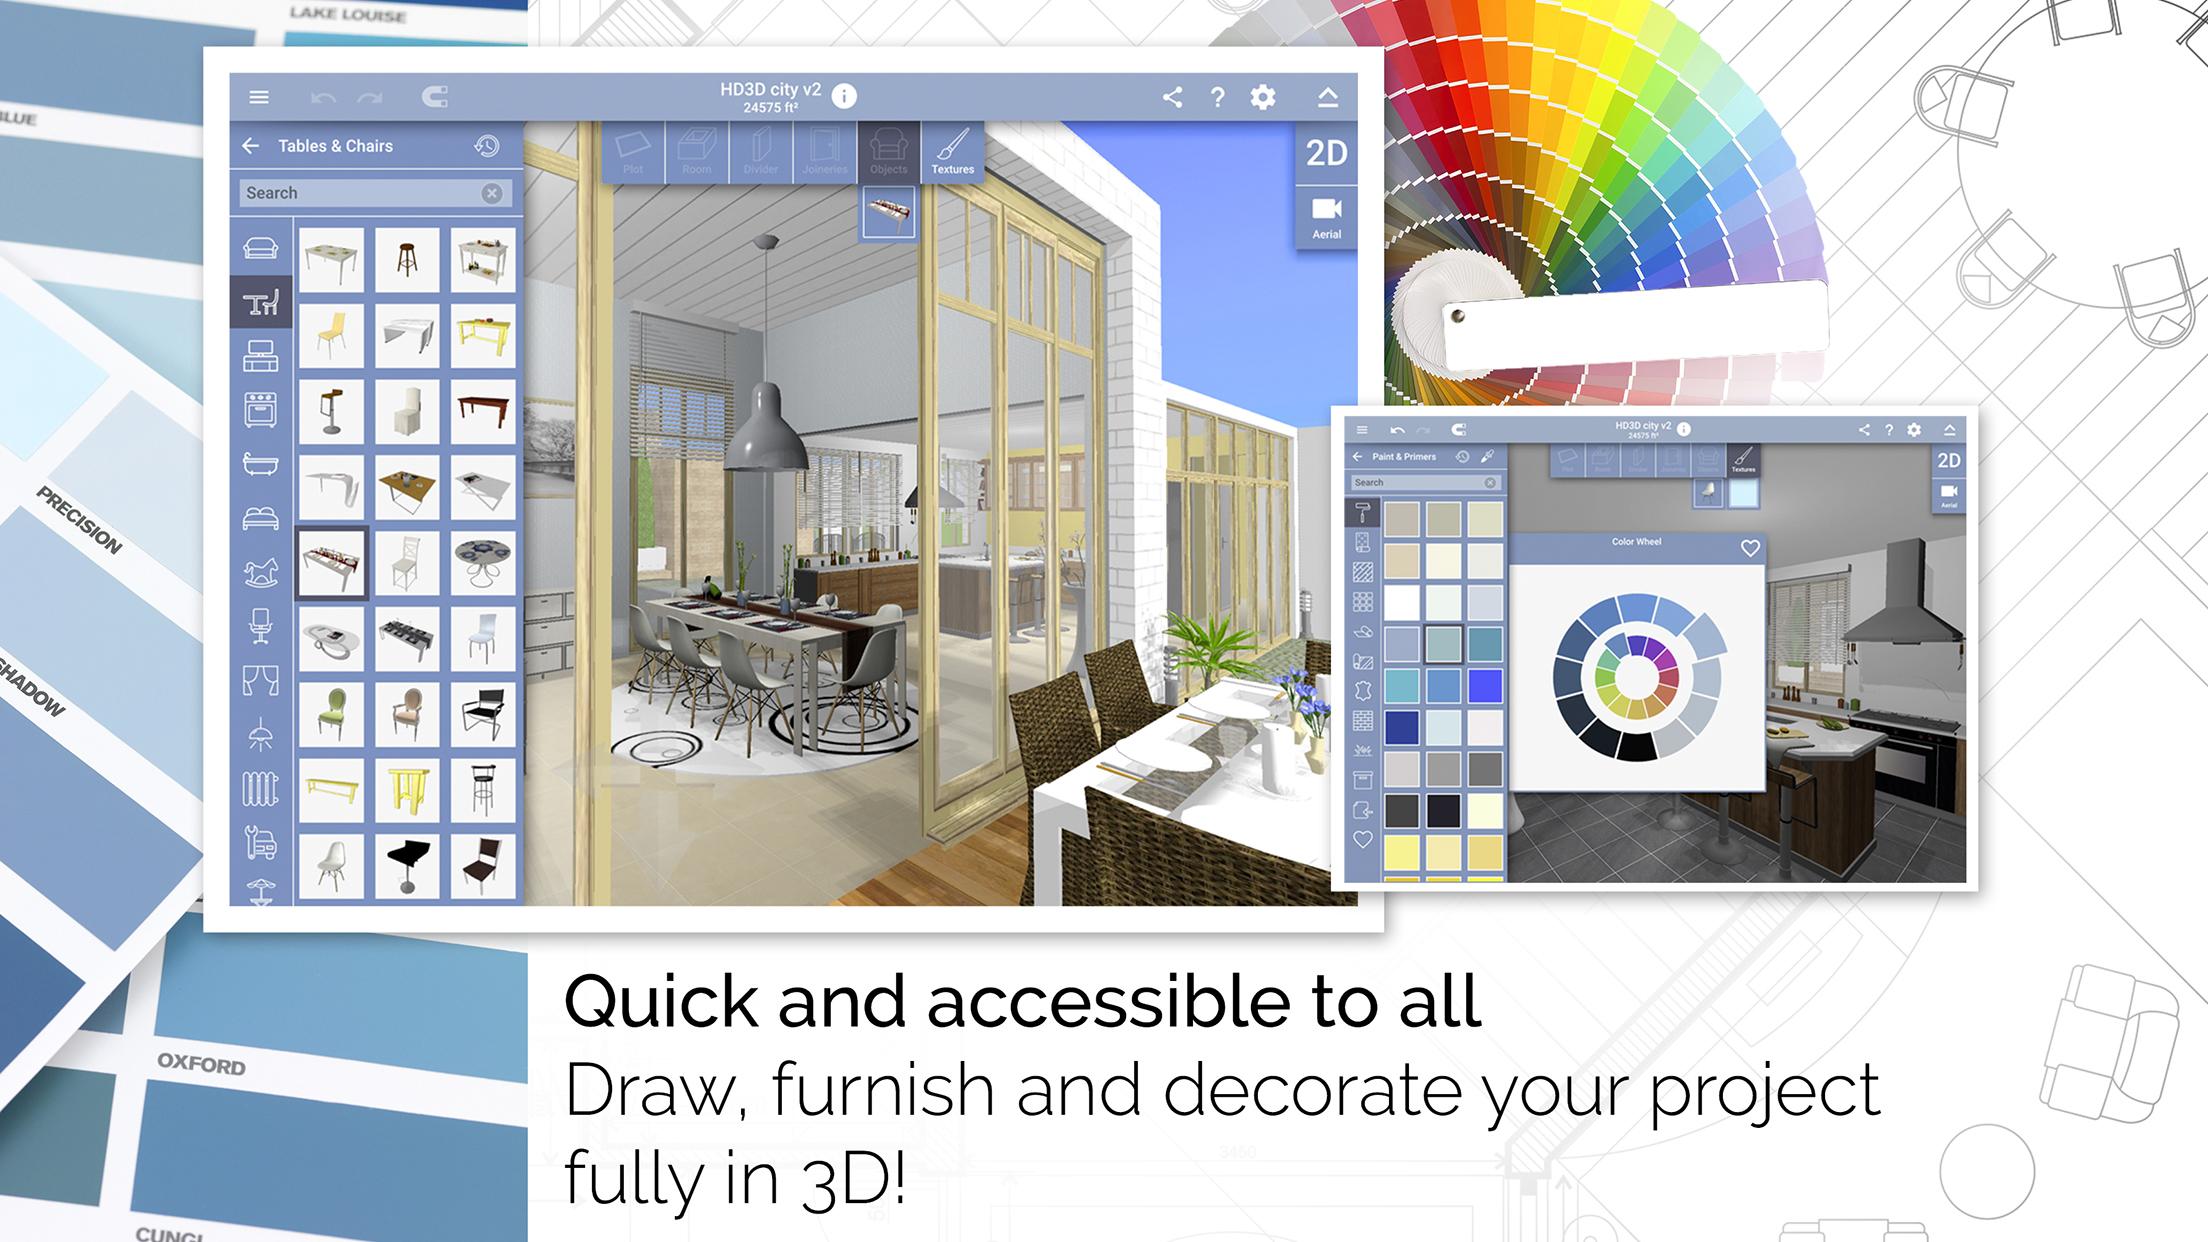 Lejárt a kézi skiccek ideje! Ma már a lakásfelújítást is applikációval tervezzük!